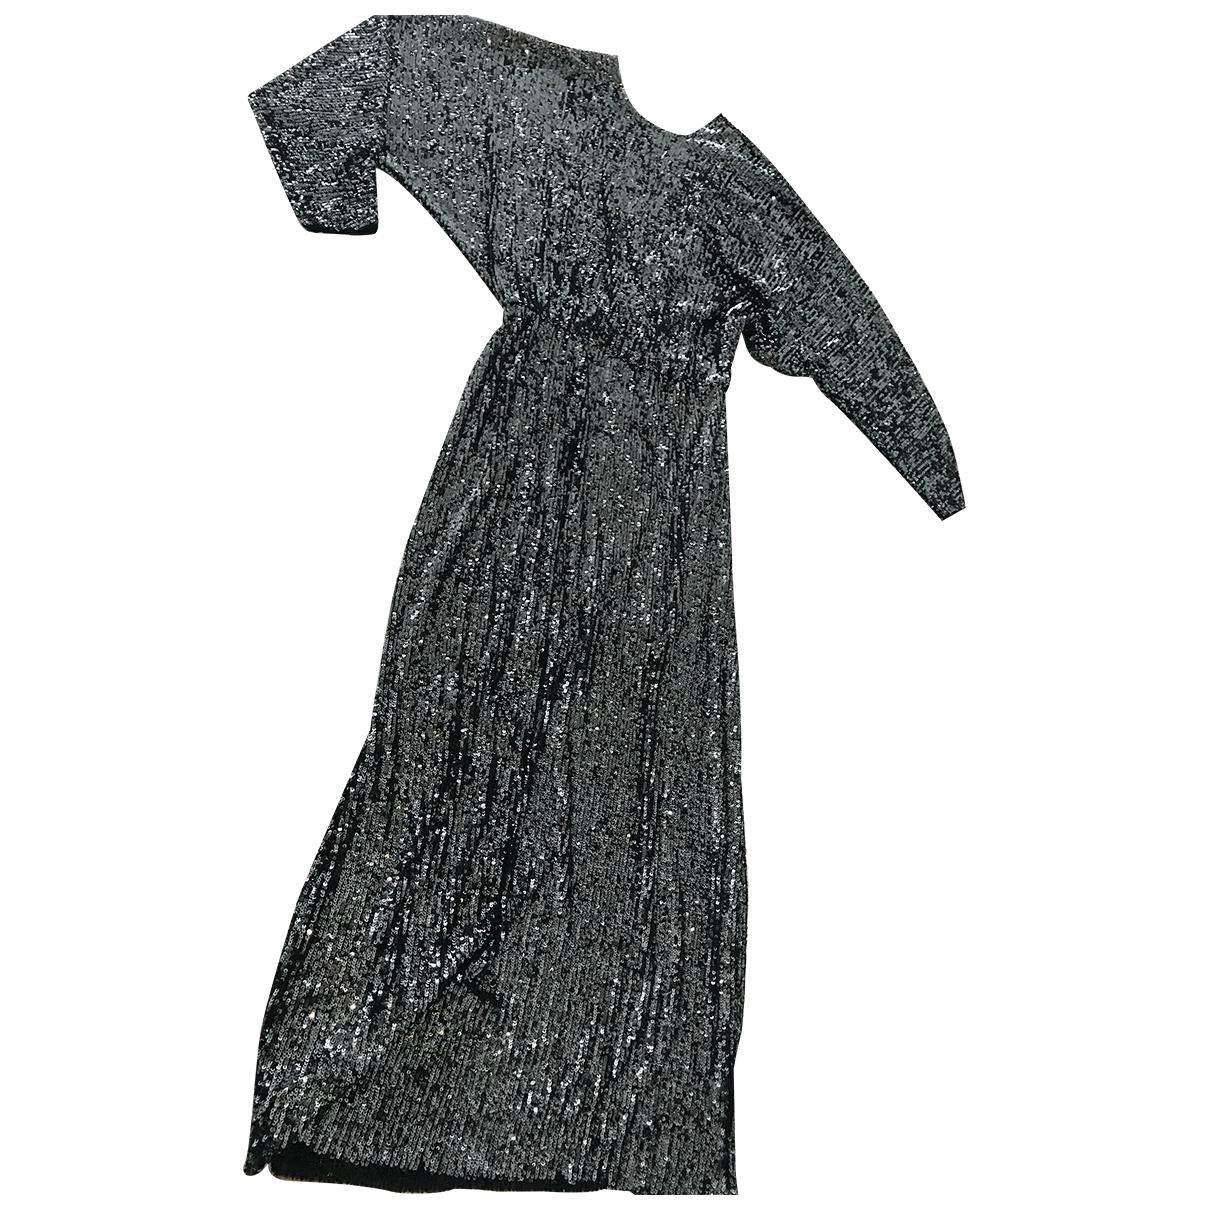 Zara \N Black Glitter dress for Women S International